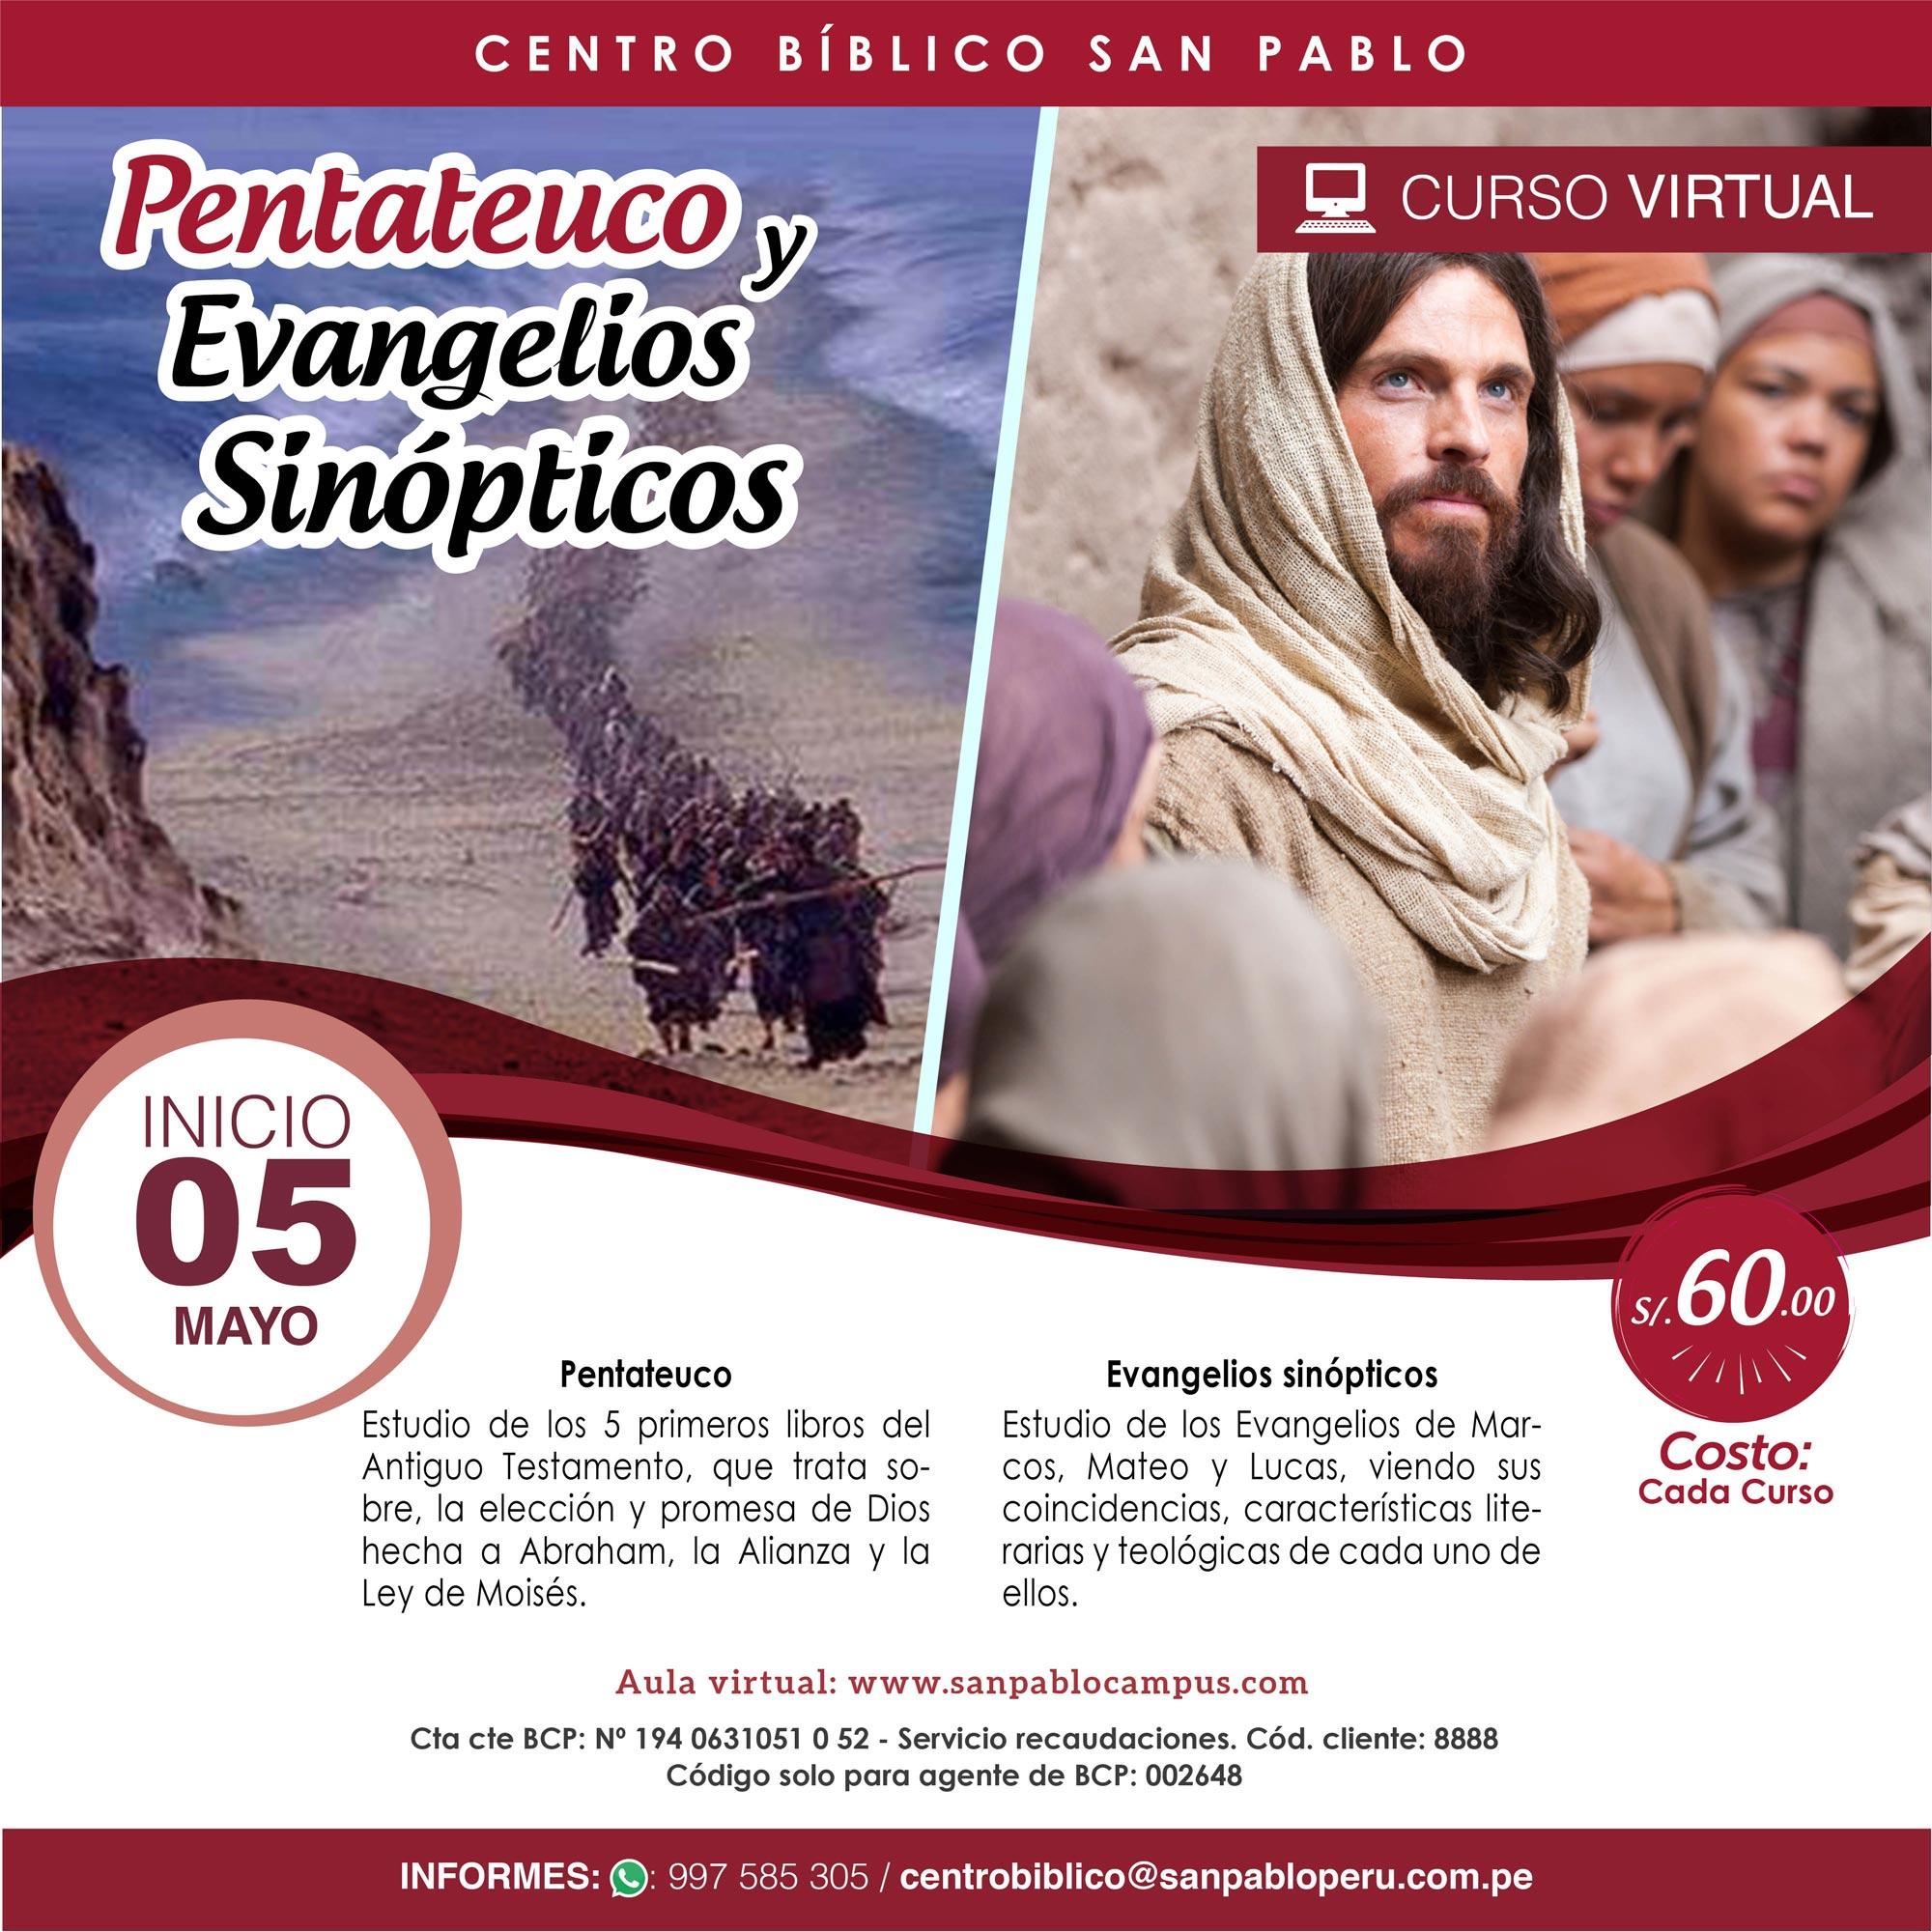 Curso Virtual: Pentateuco y Evangelio Sinópticos